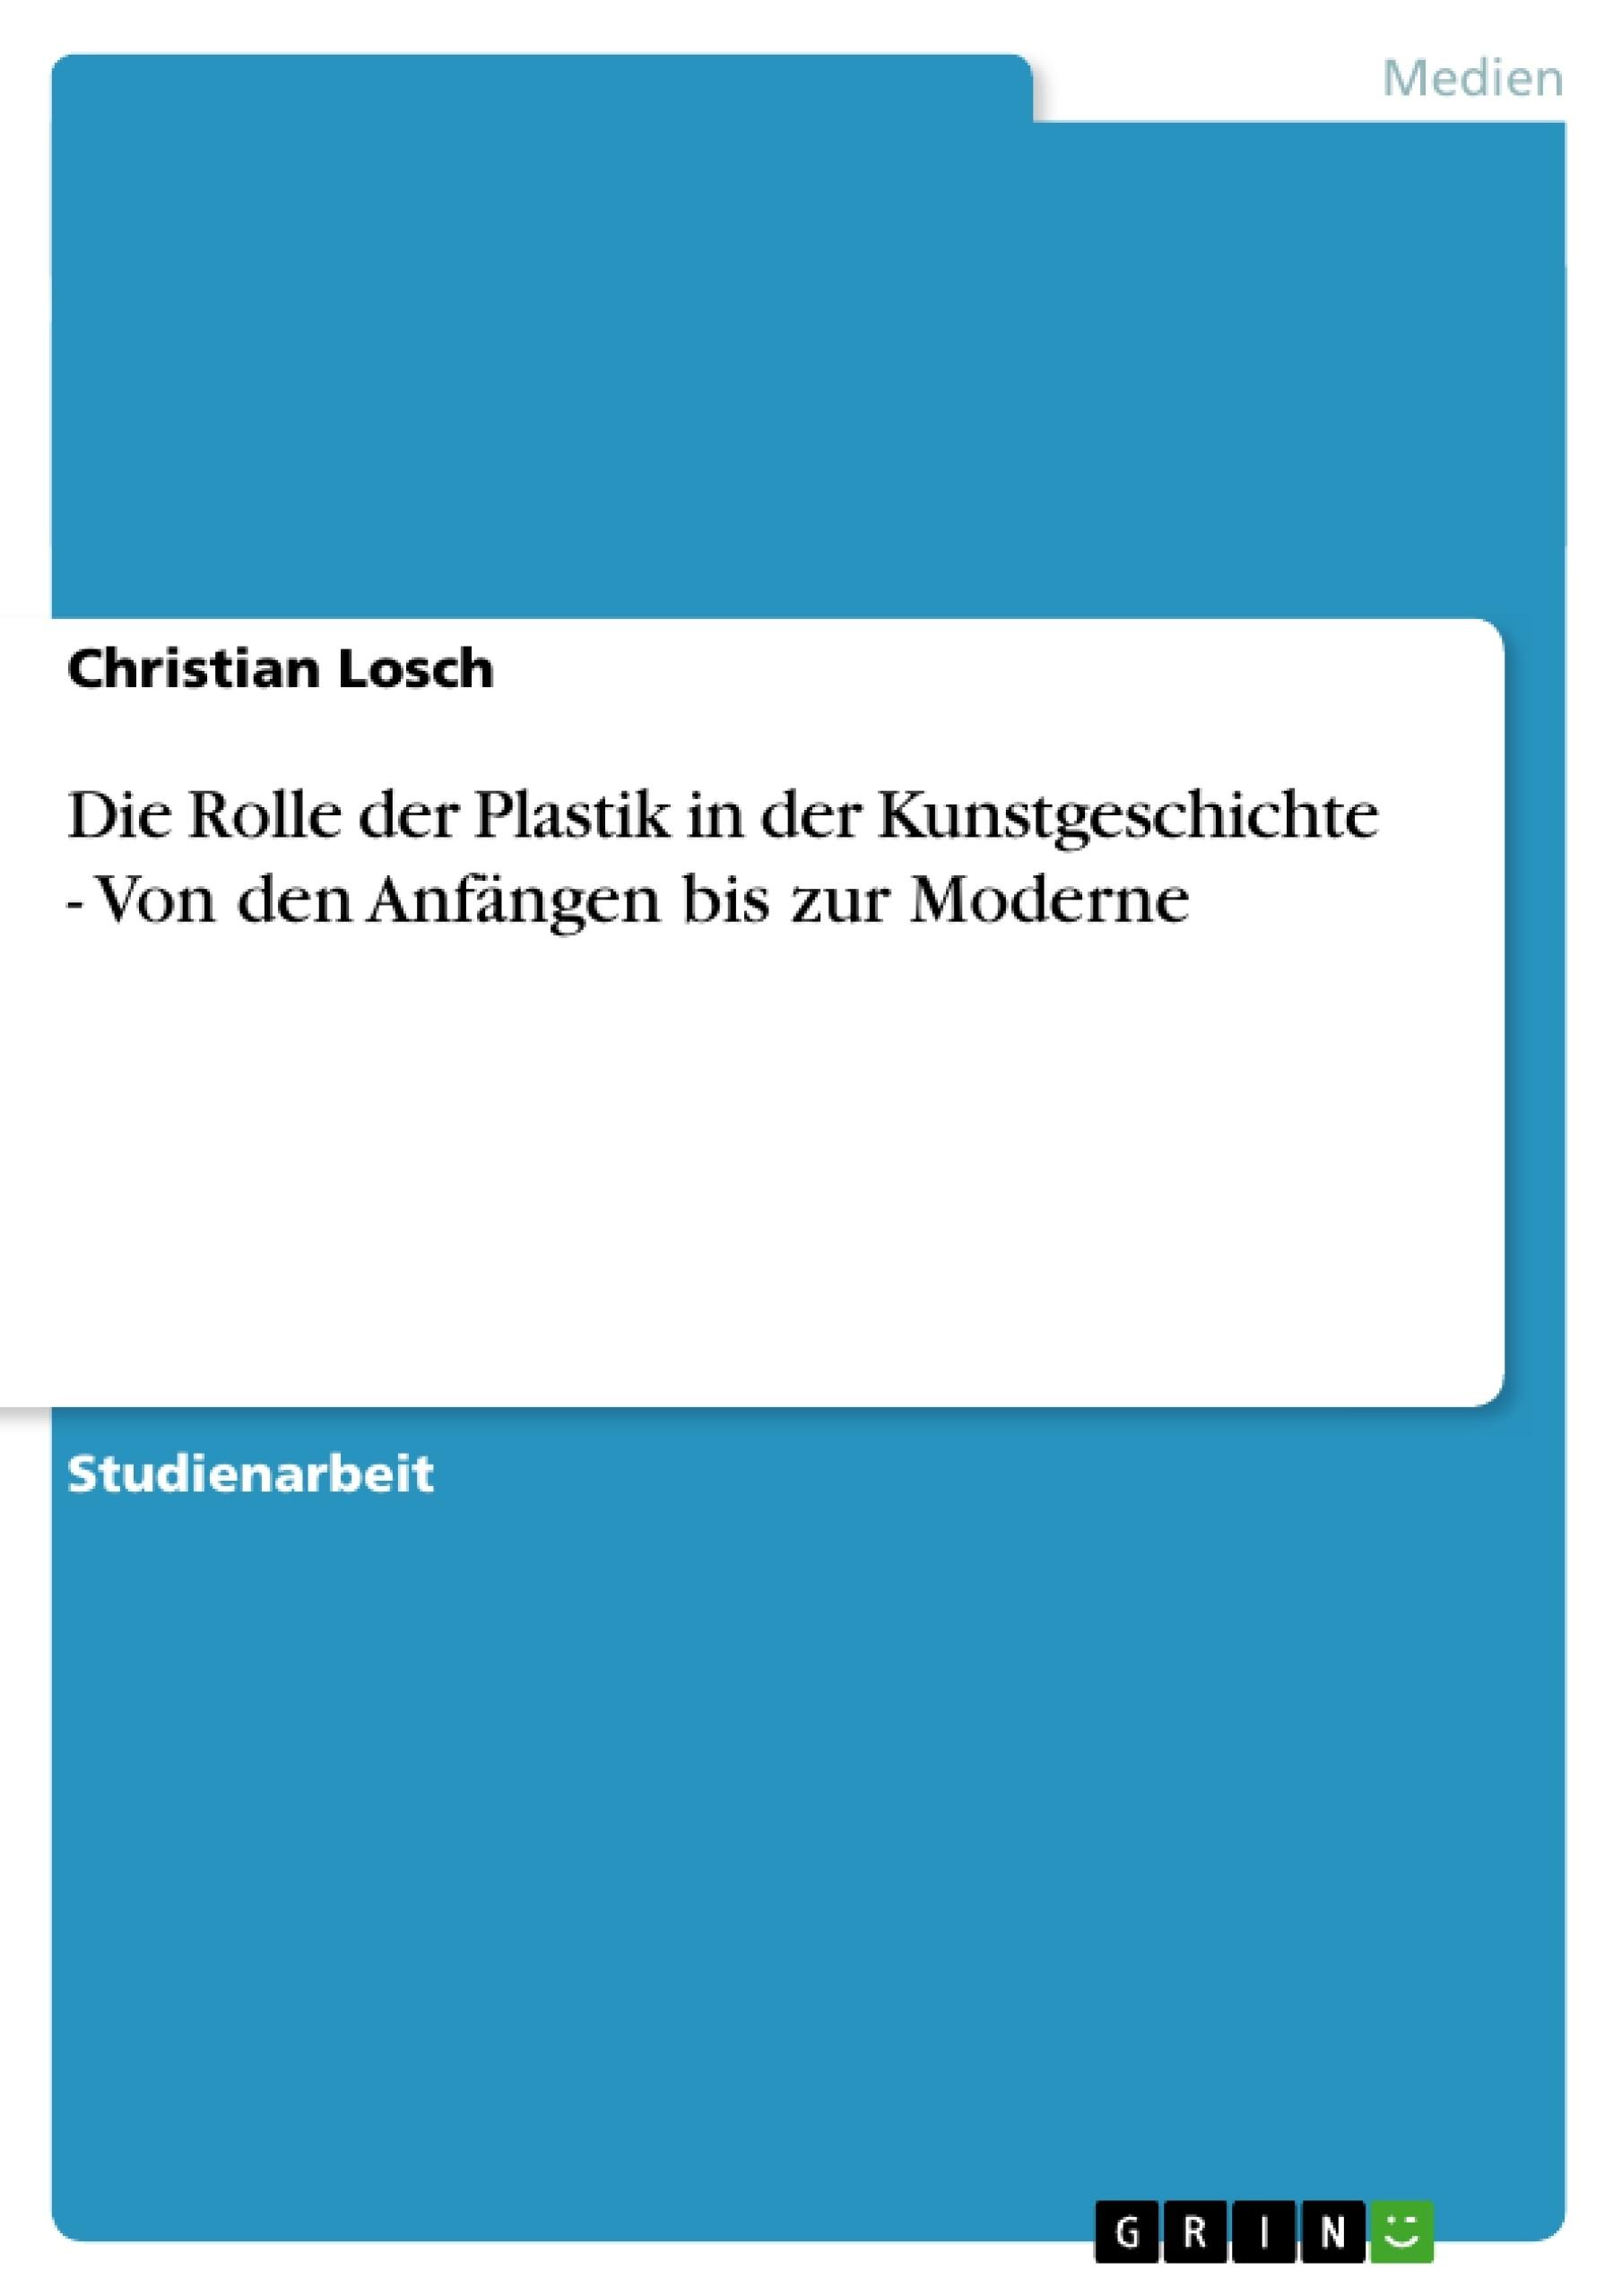 Titel: Die Rolle der Plastik in der Kunstgeschichte - Von den Anfängen bis zur Moderne